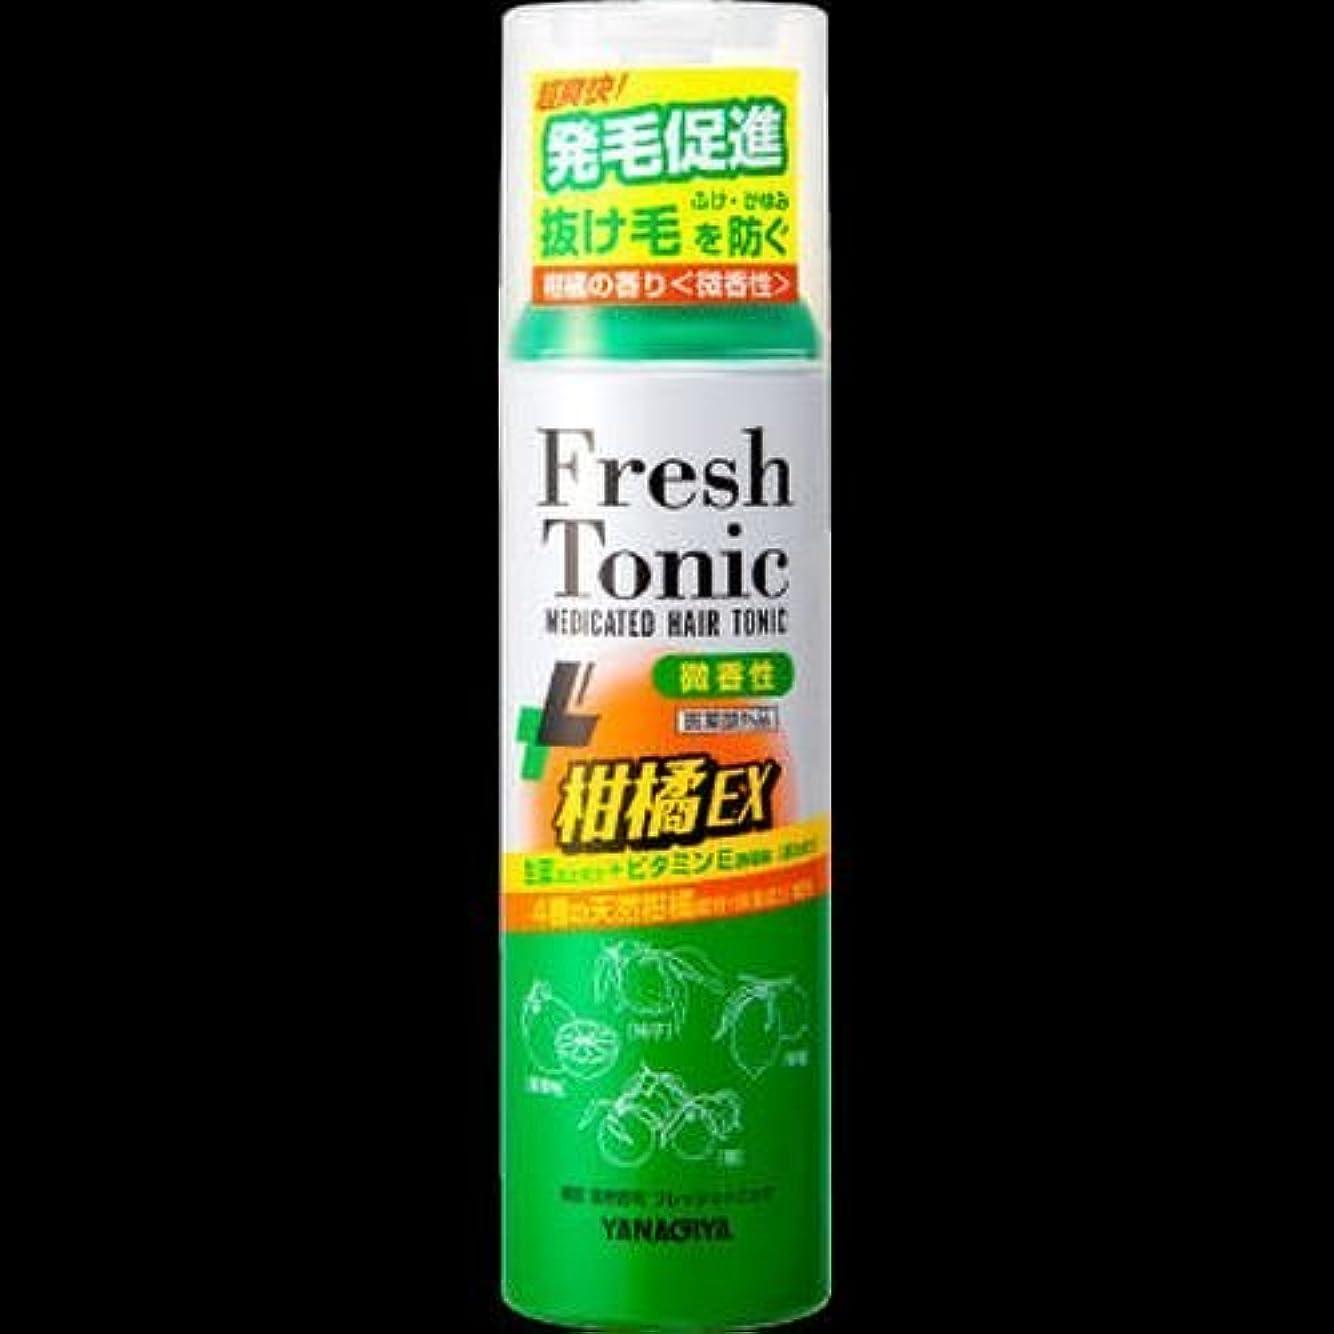 道路素晴らしいです港【まとめ買い】柳屋 薬用育毛 フレッシュトニック 柑橘EX <微香性> 190g ×2セット